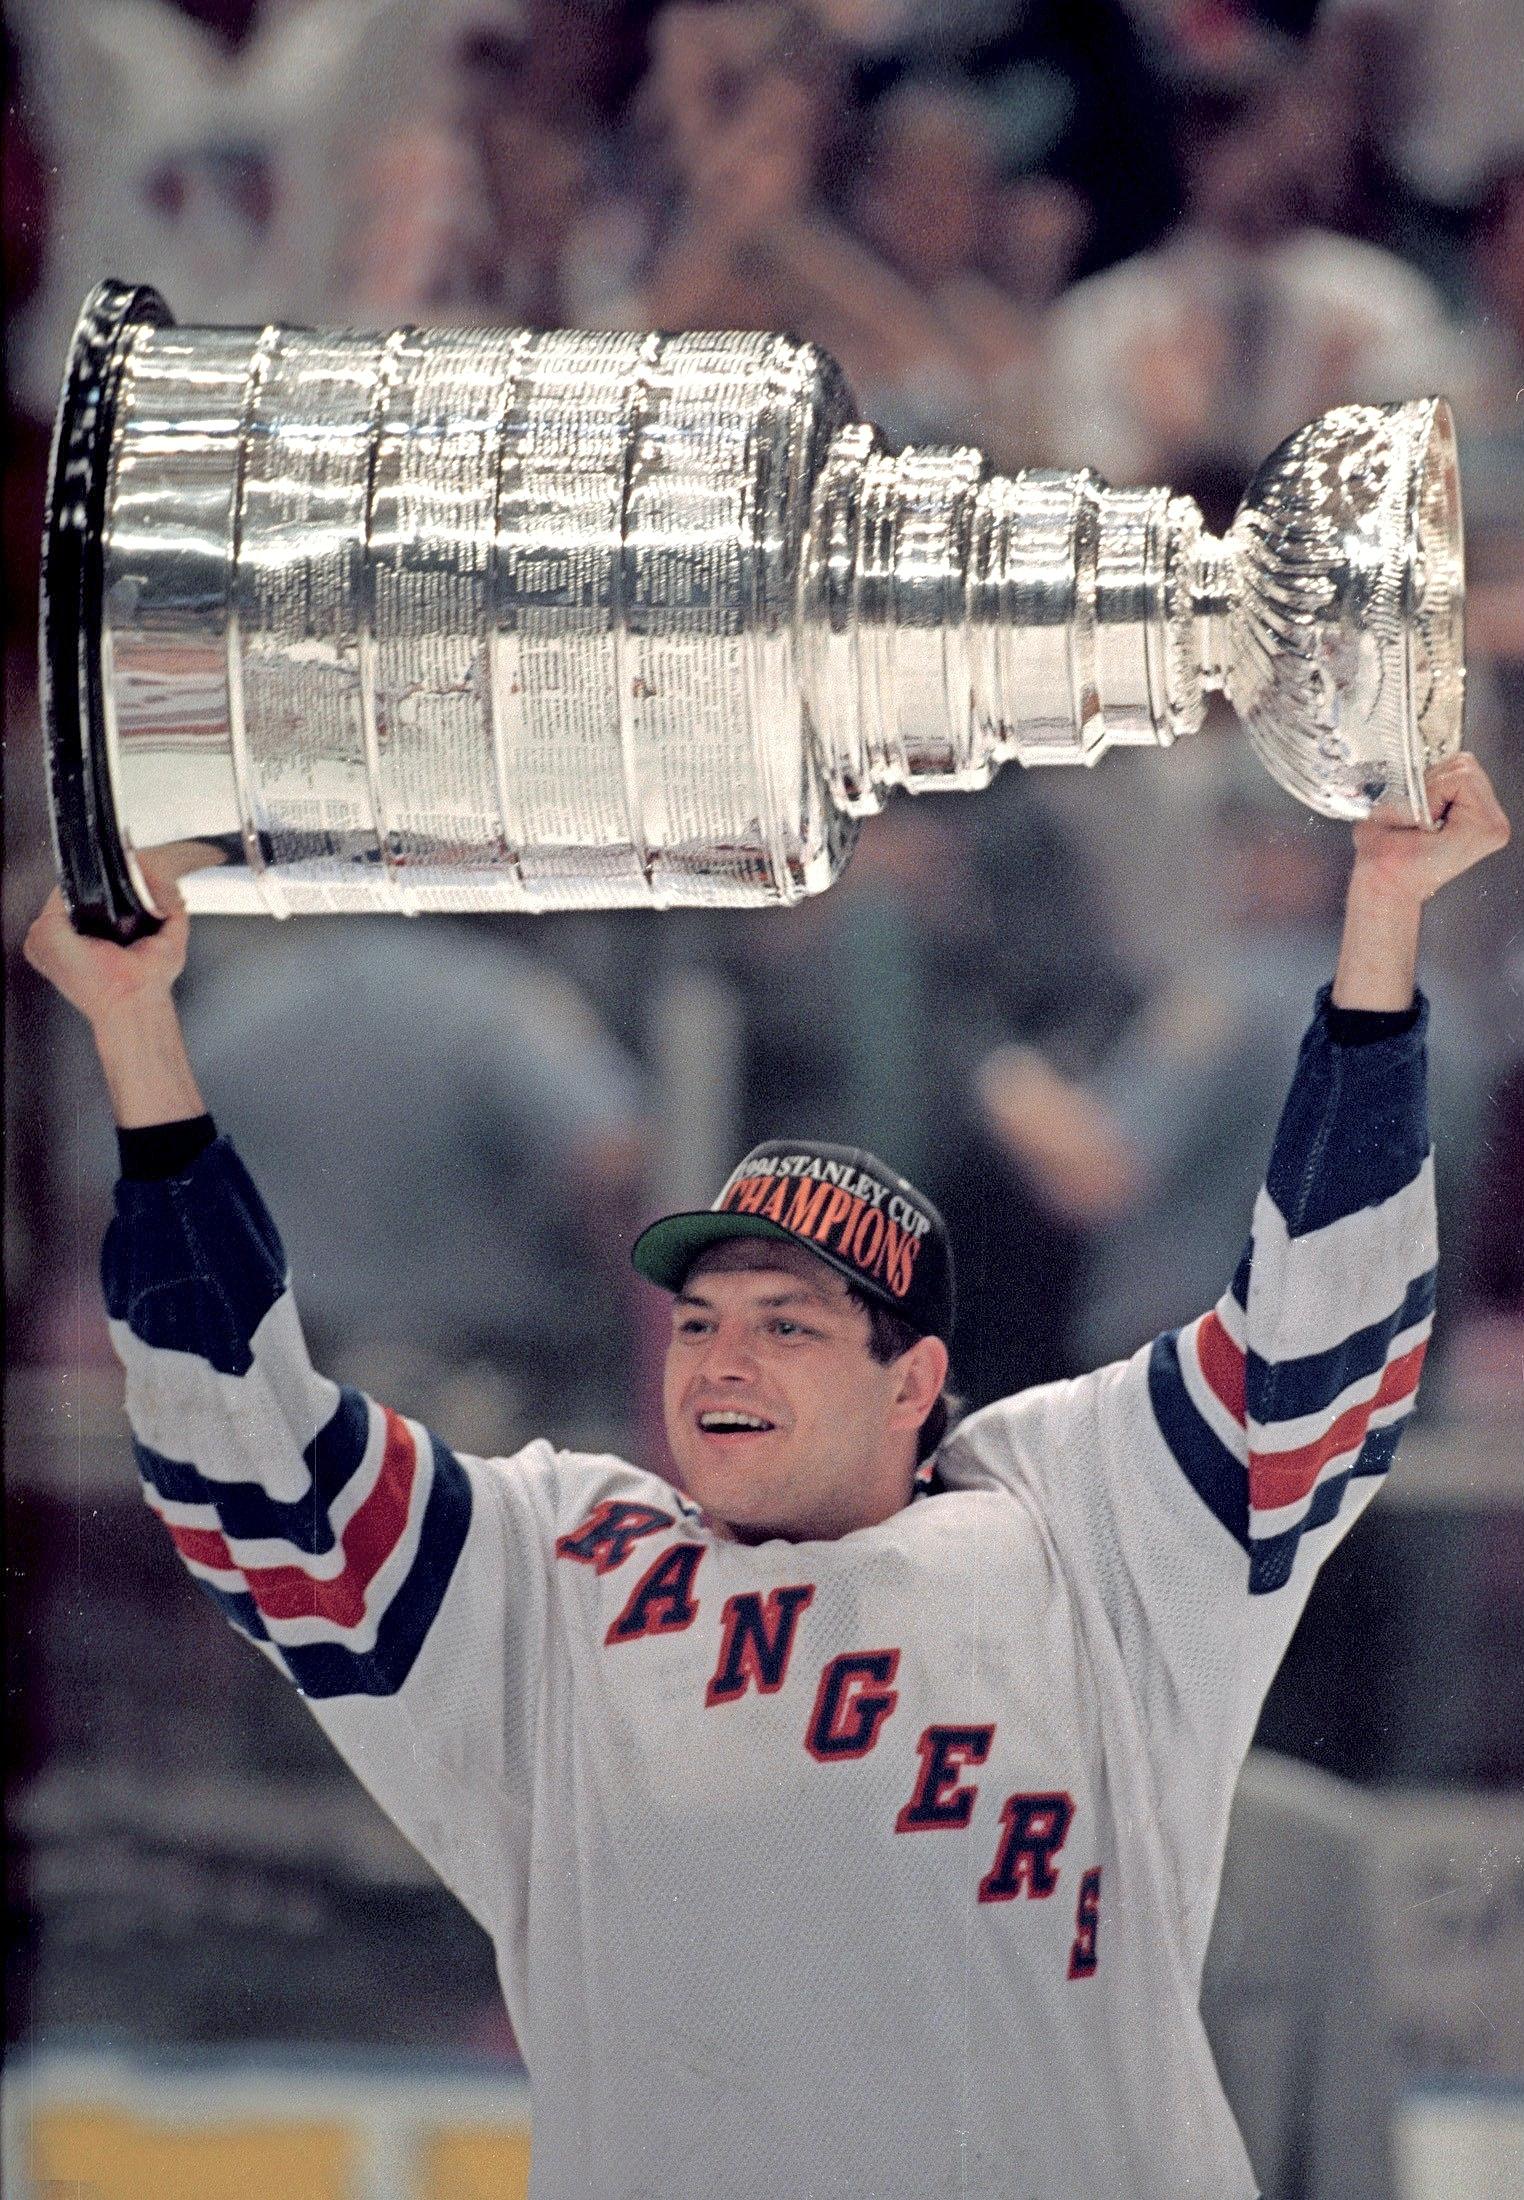 Rangers-legenda Esa Tikkanen tunnistetaan yhä New Yorkissa. Kuinka monessa minuutissa Tikin käsi väsyy nimmareihin? – Välillä väsyy ja välillä ei! Varsinkin pelipäivinä ja Manhattanin NHL Storessa kyllä tunnistetaan, Esa myhäilee.